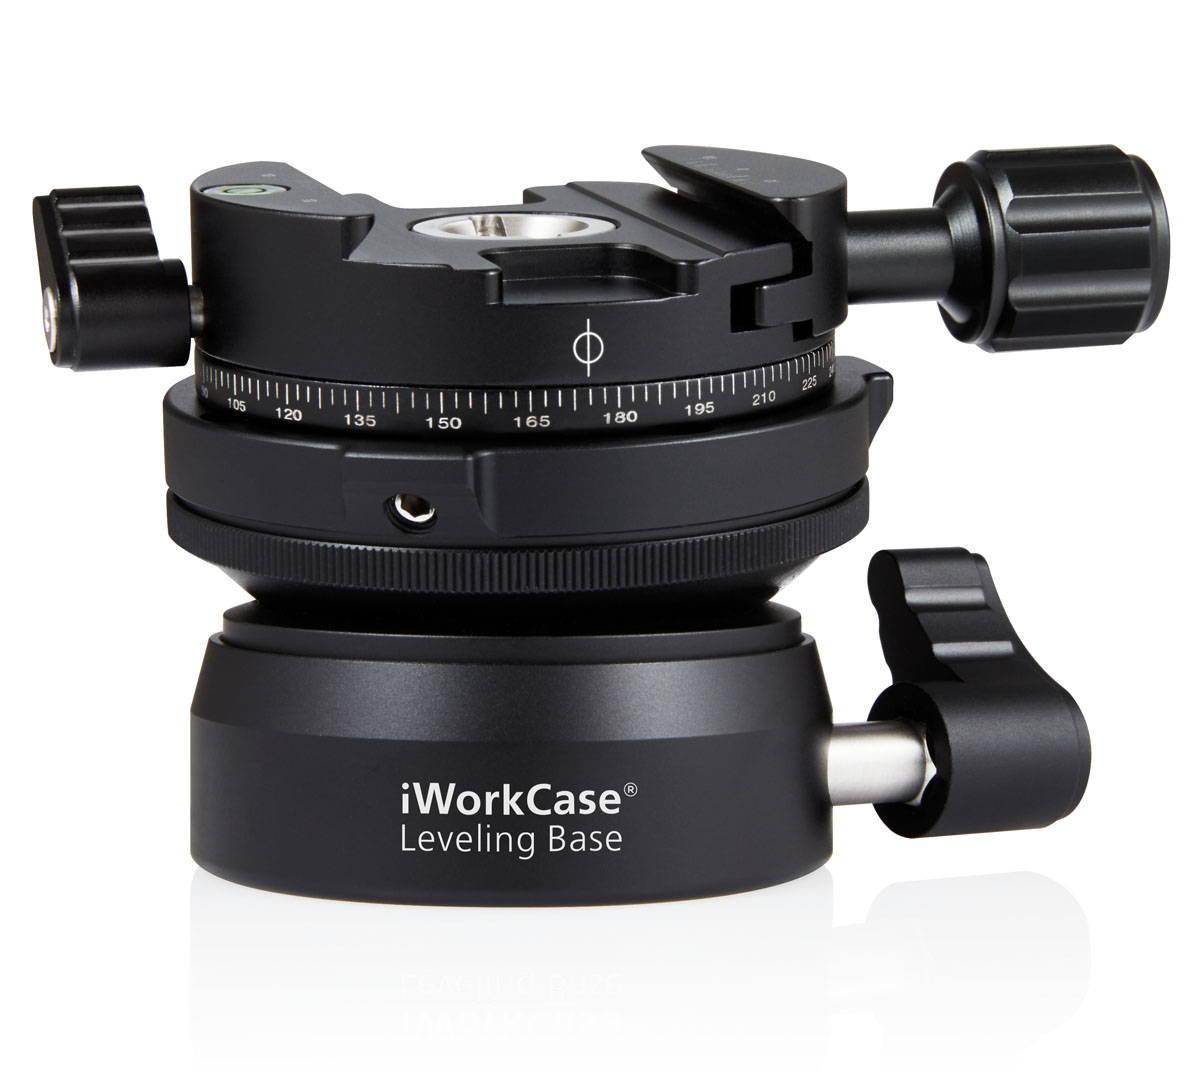 iworkcase leveling base product photo on white